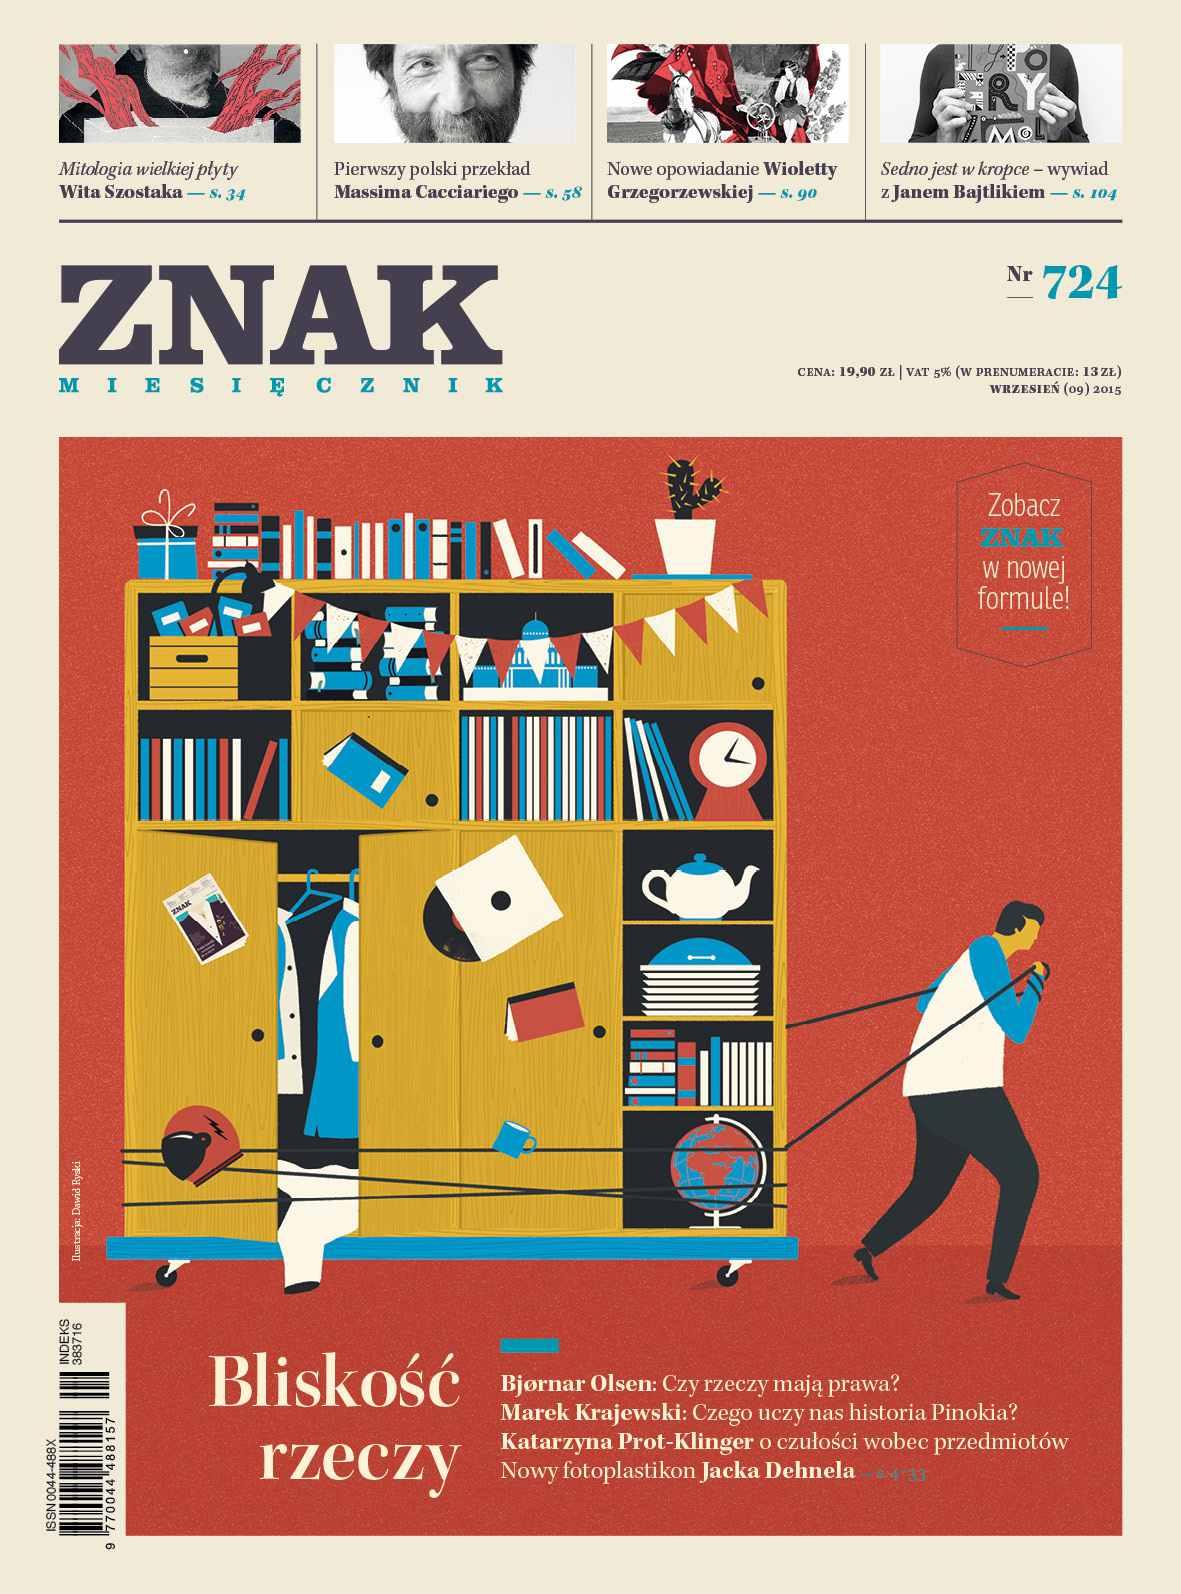 Bliskość rzeczy. Miesięcznik Znak - Ebook (Książka na Kindle) do pobrania w formacie MOBI